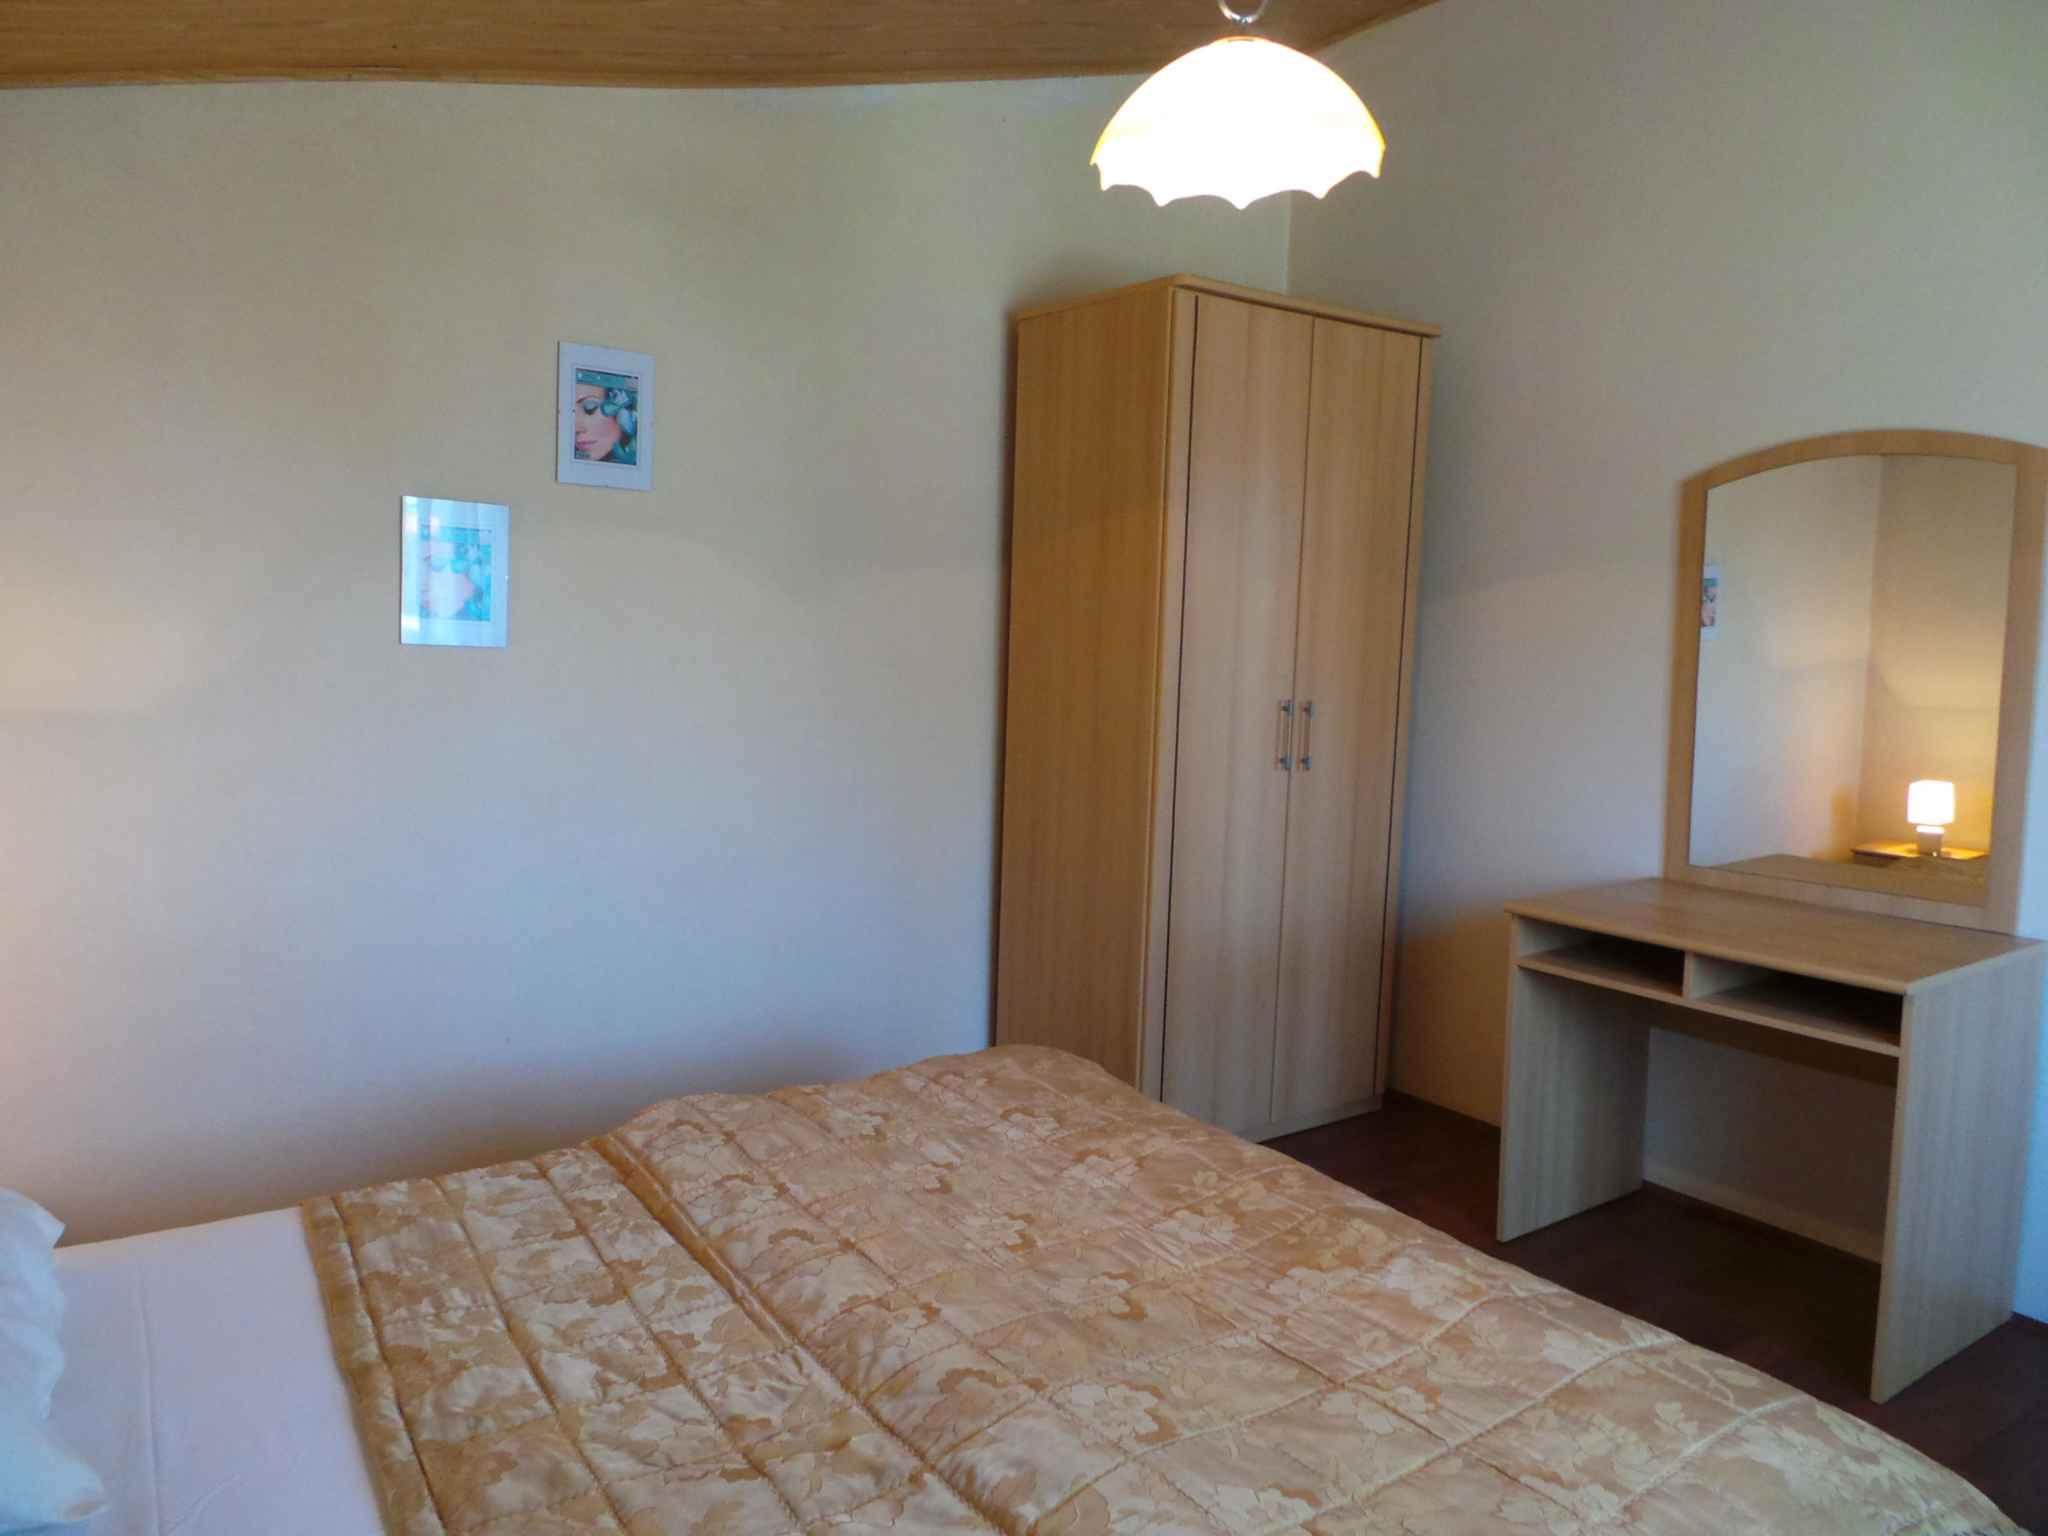 Ferienwohnung mit SAT-TV und Balkon (280821), Pula, , Istrien, Kroatien, Bild 16